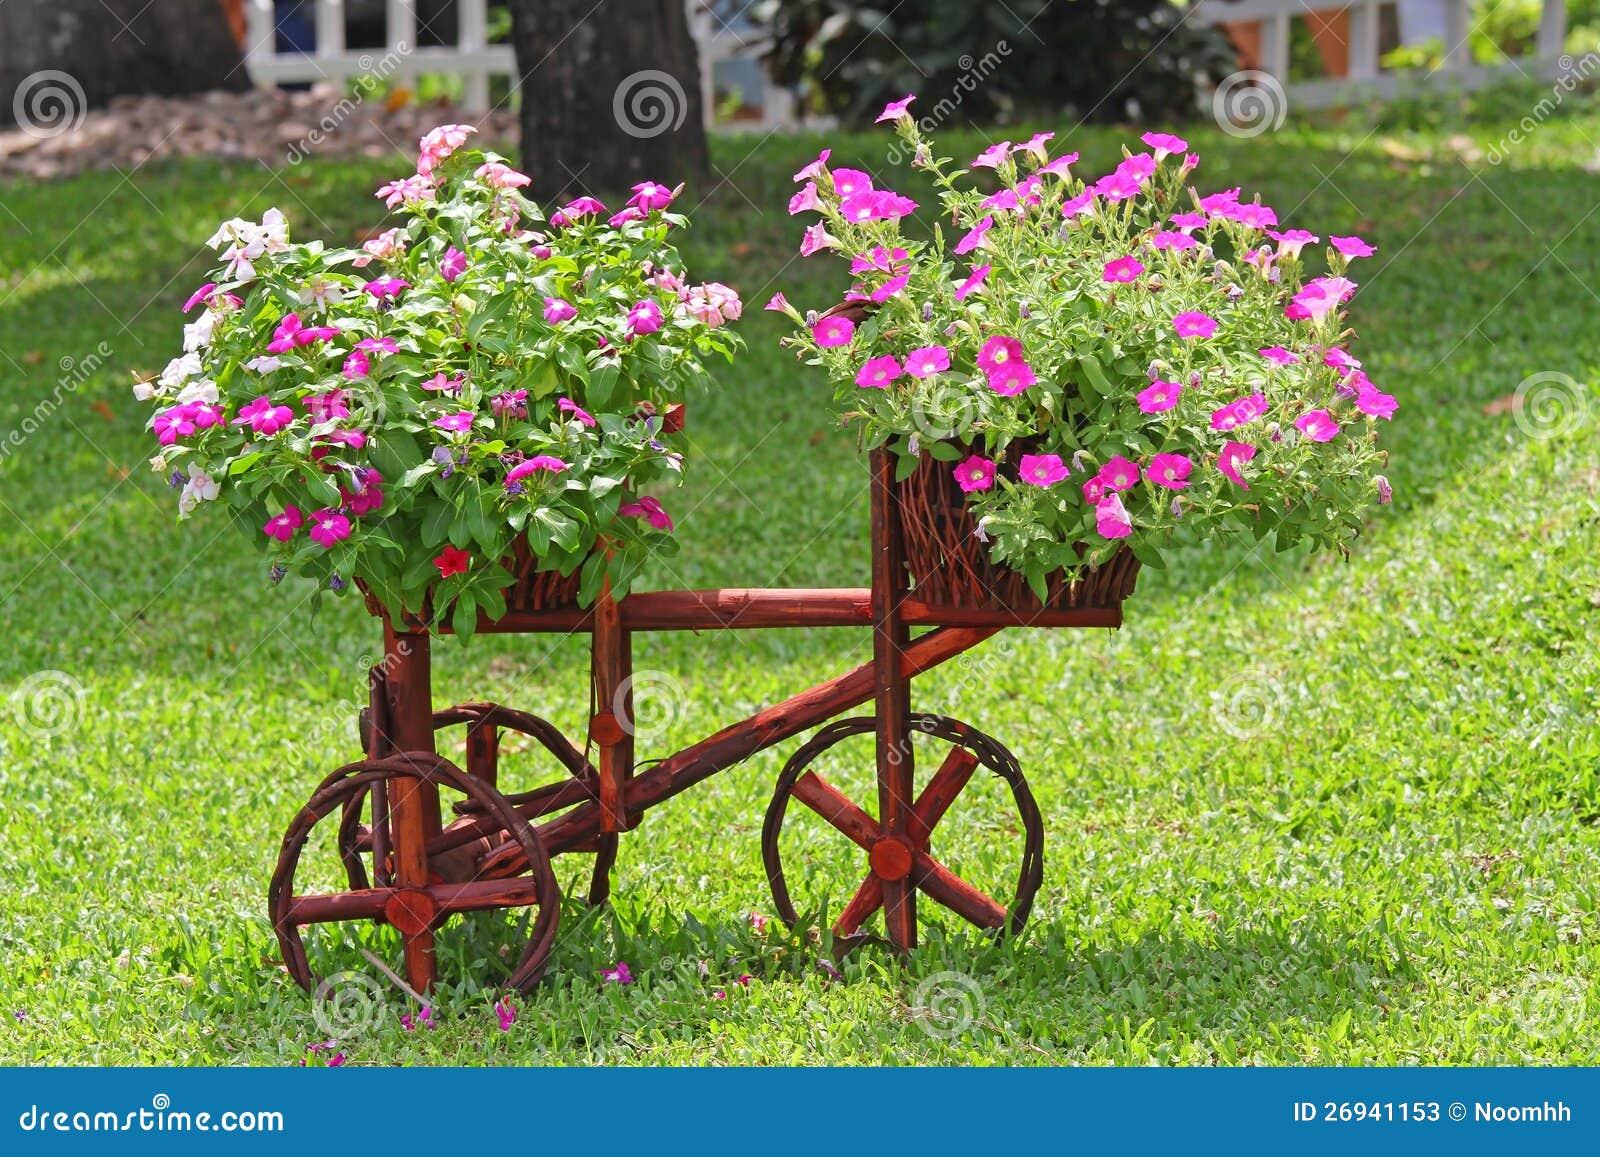 Fleur d cor e dans le jardin photos stock image 26941153 for Fleurs dans le jardin